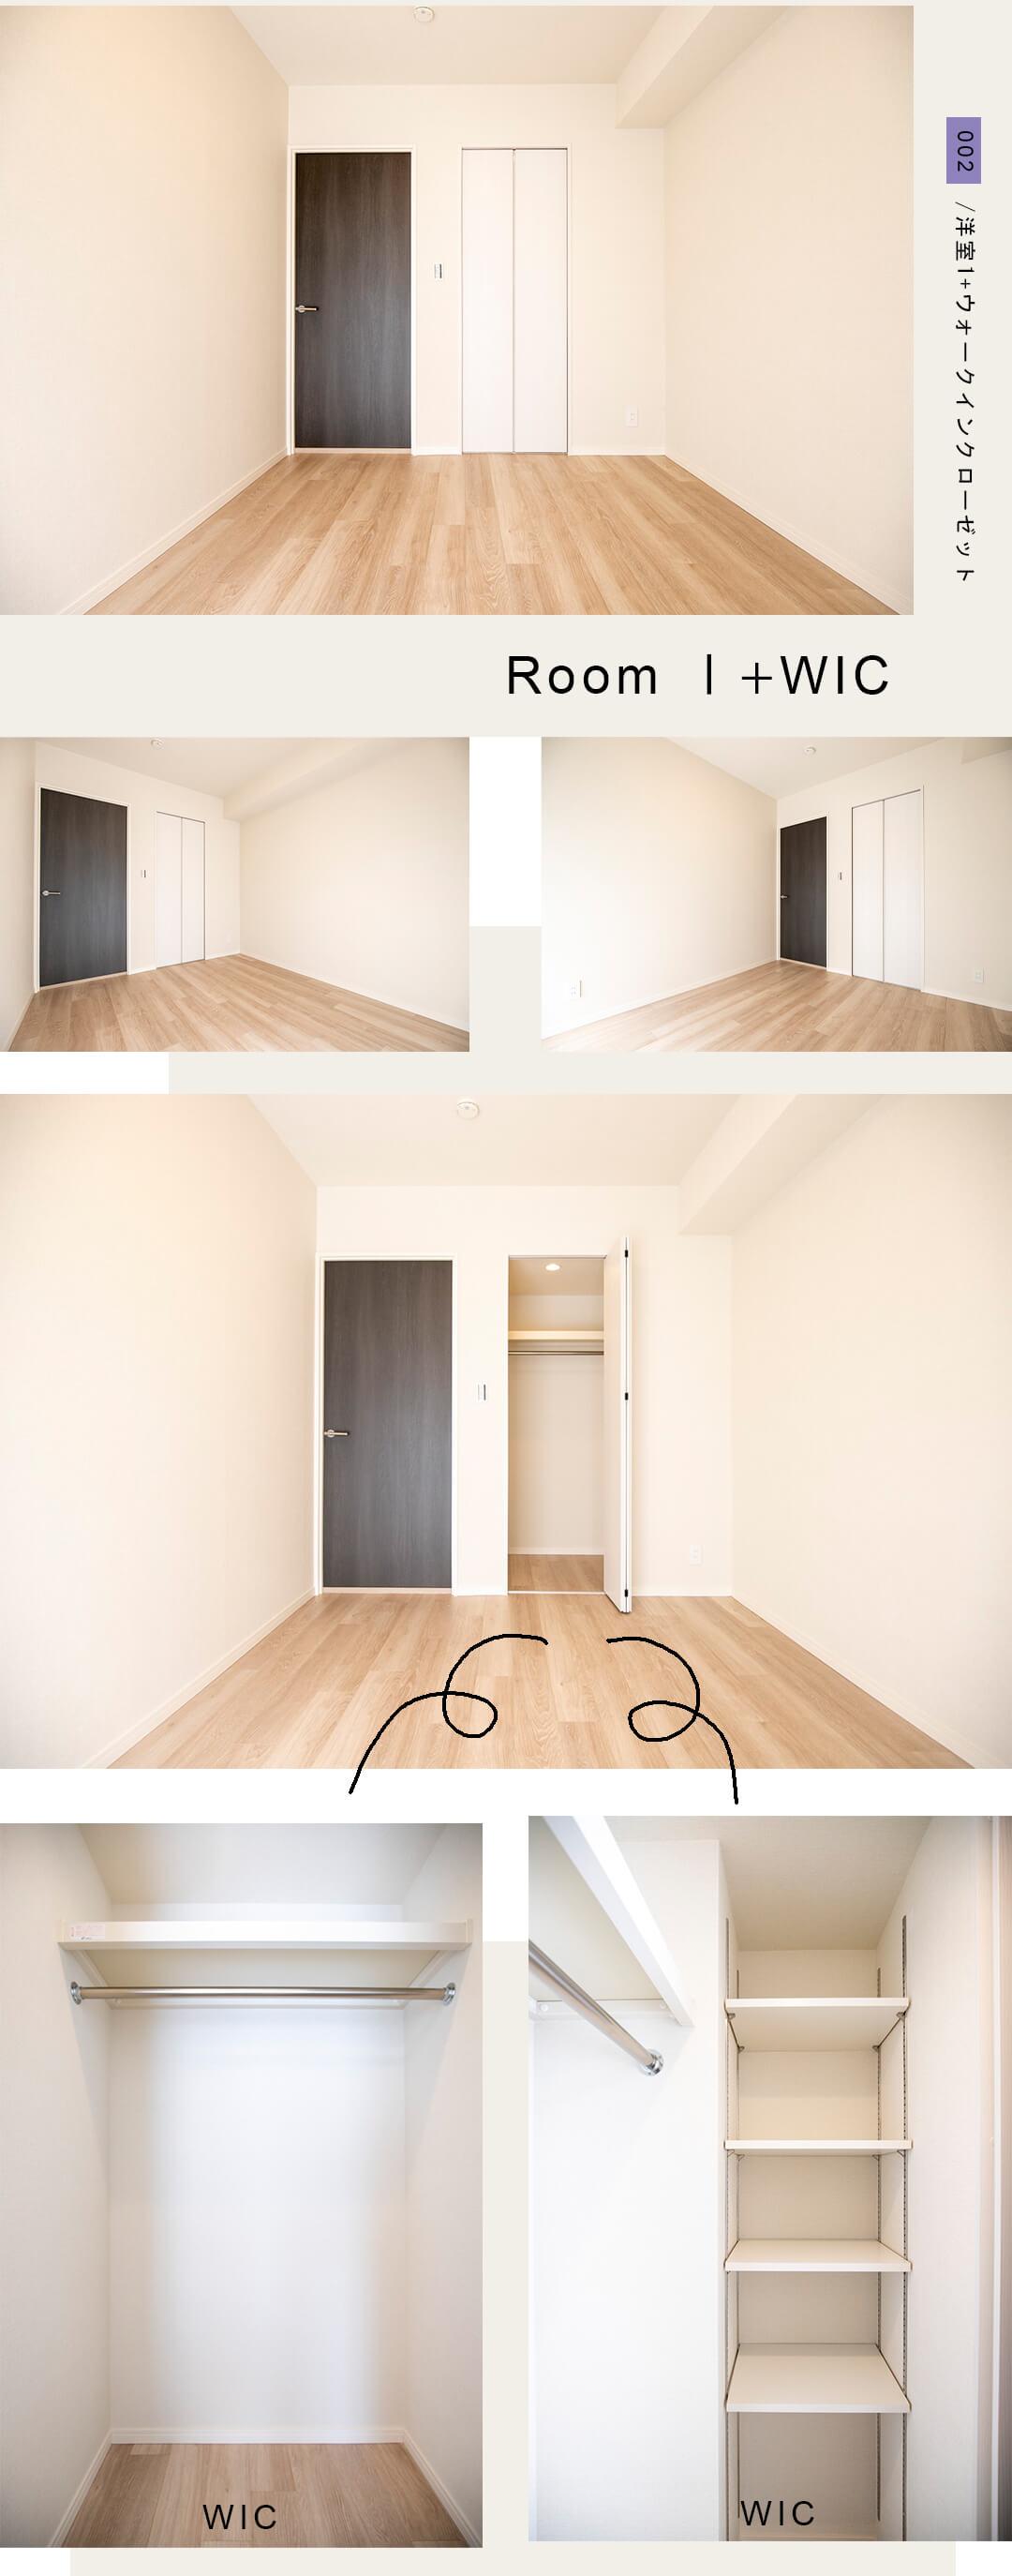 002洋室1,ウォークインクローゼット,Room Ⅰ,WIC